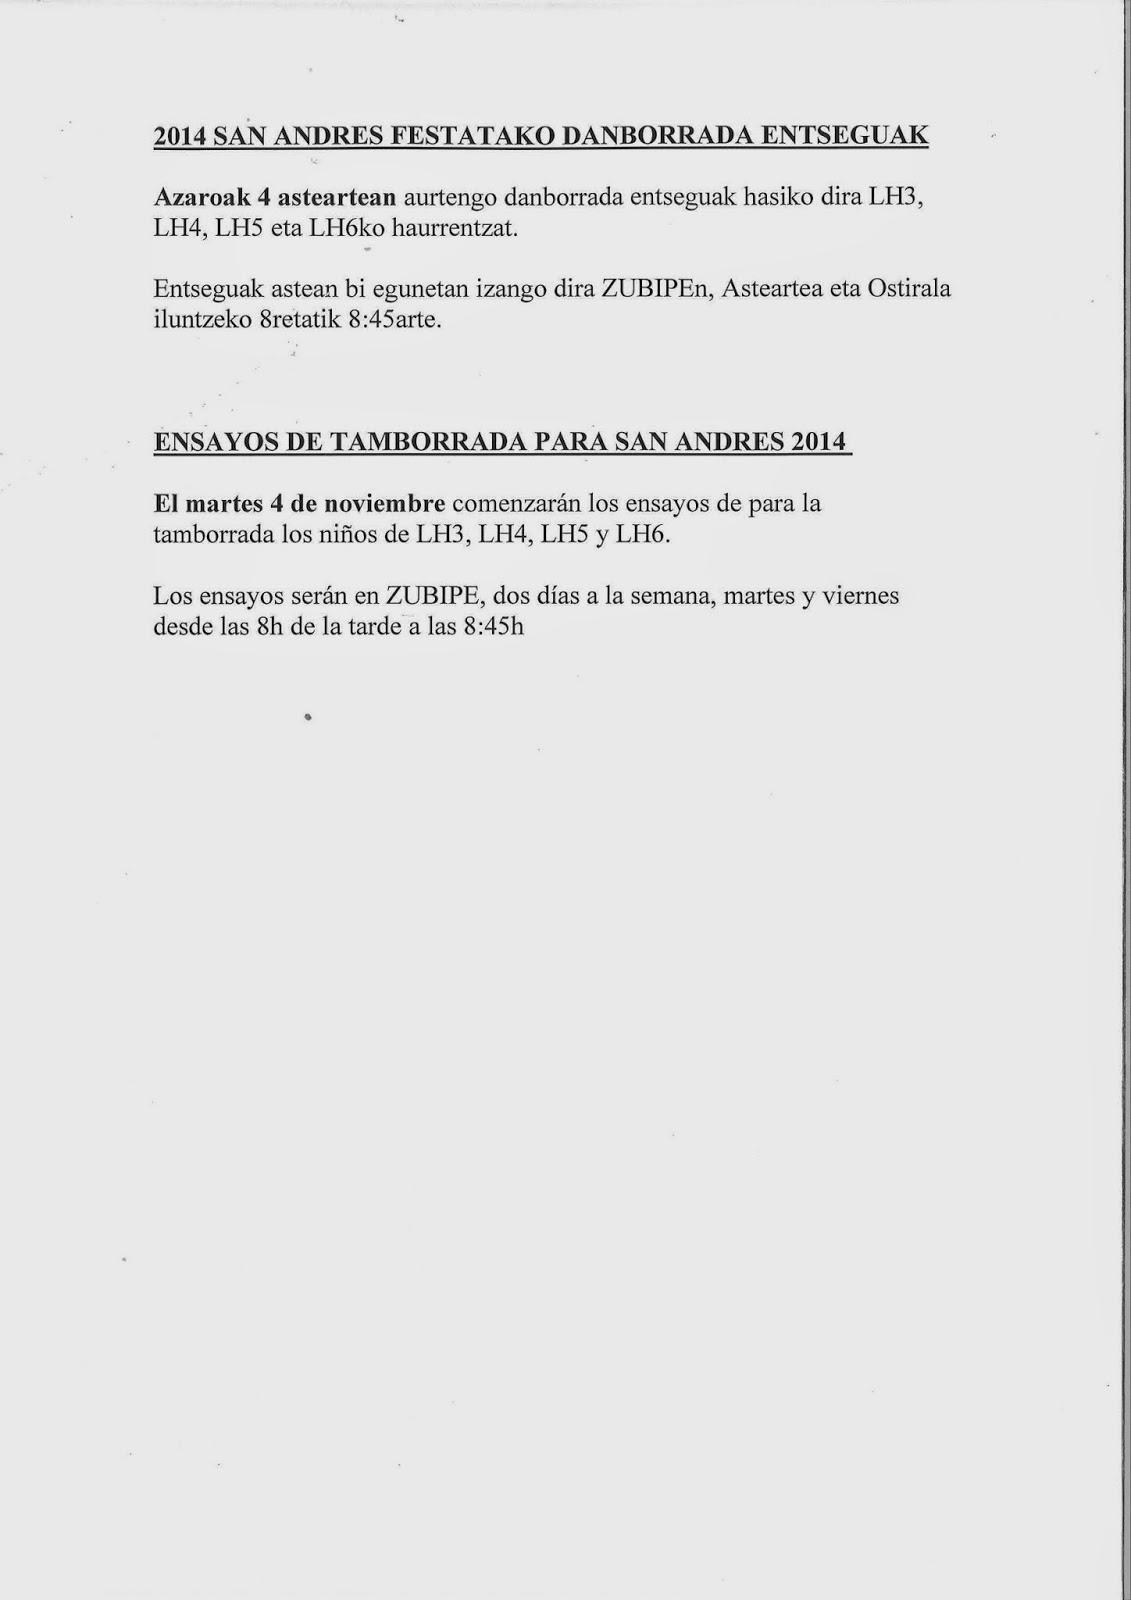 2014 SAN ANDRES FESTATAKO DANBORRADA ENTSEGUAK